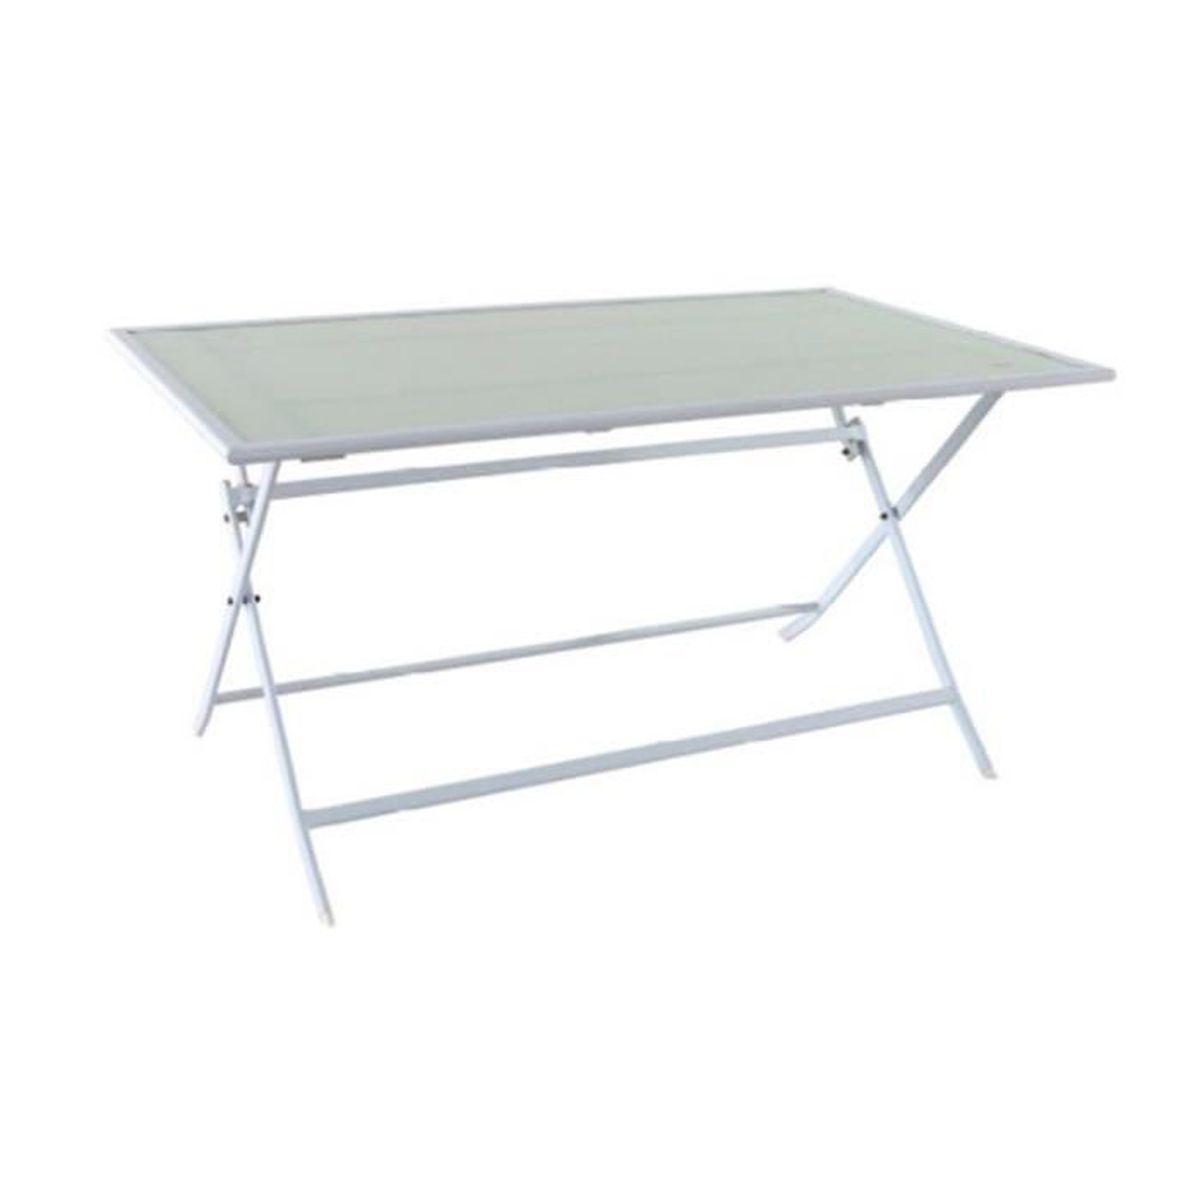 Table pliante en fer coloris blanc - 140 x 80 cm - Achat / Vente ...